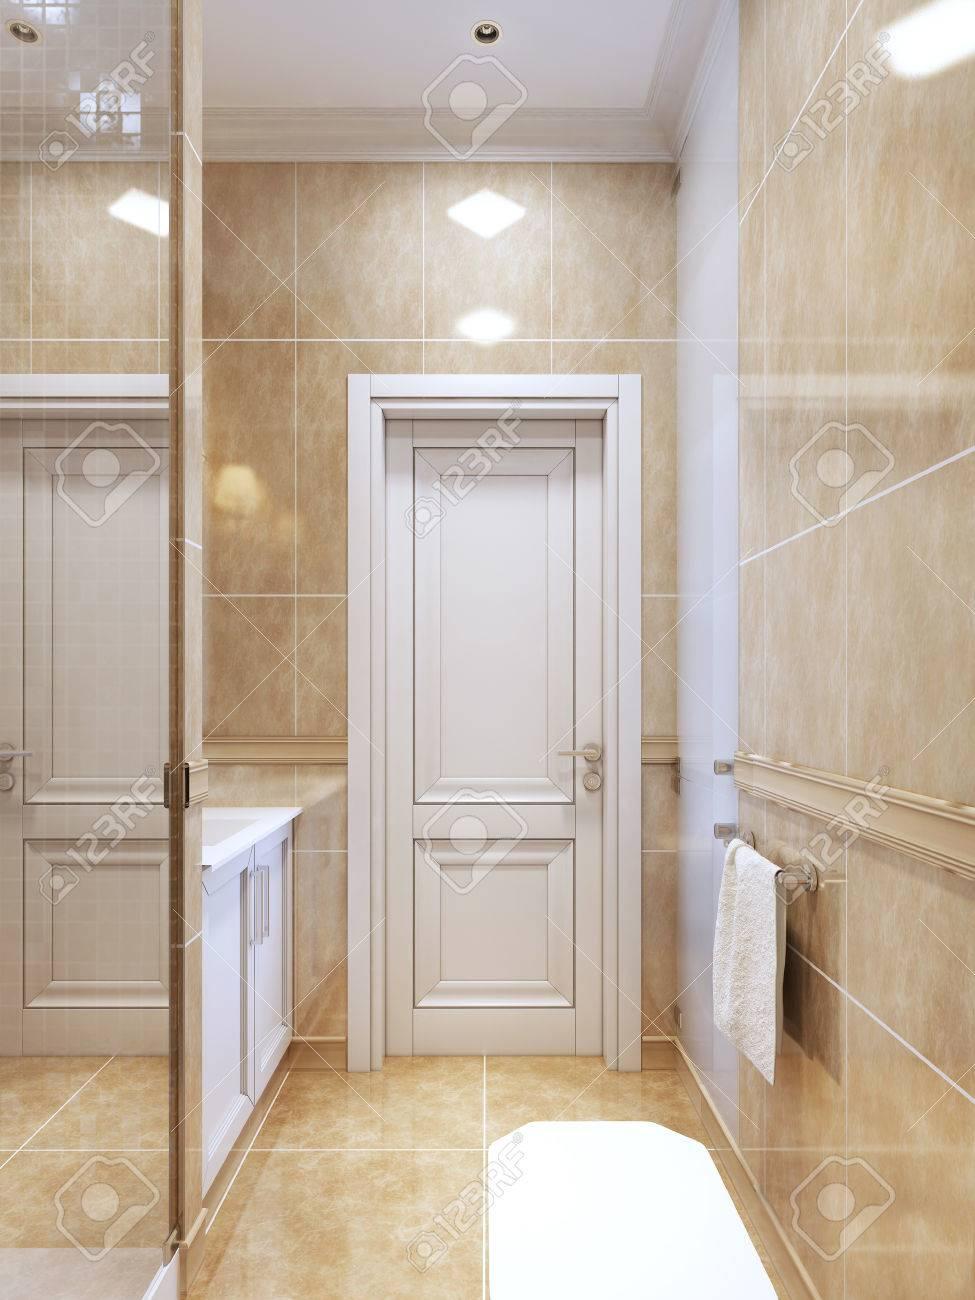 Moderne Badezimmer Mit Dusche. Helles Badezimmer Interieur Mit Weißen Türen  Und Möbel. 3D übertragen